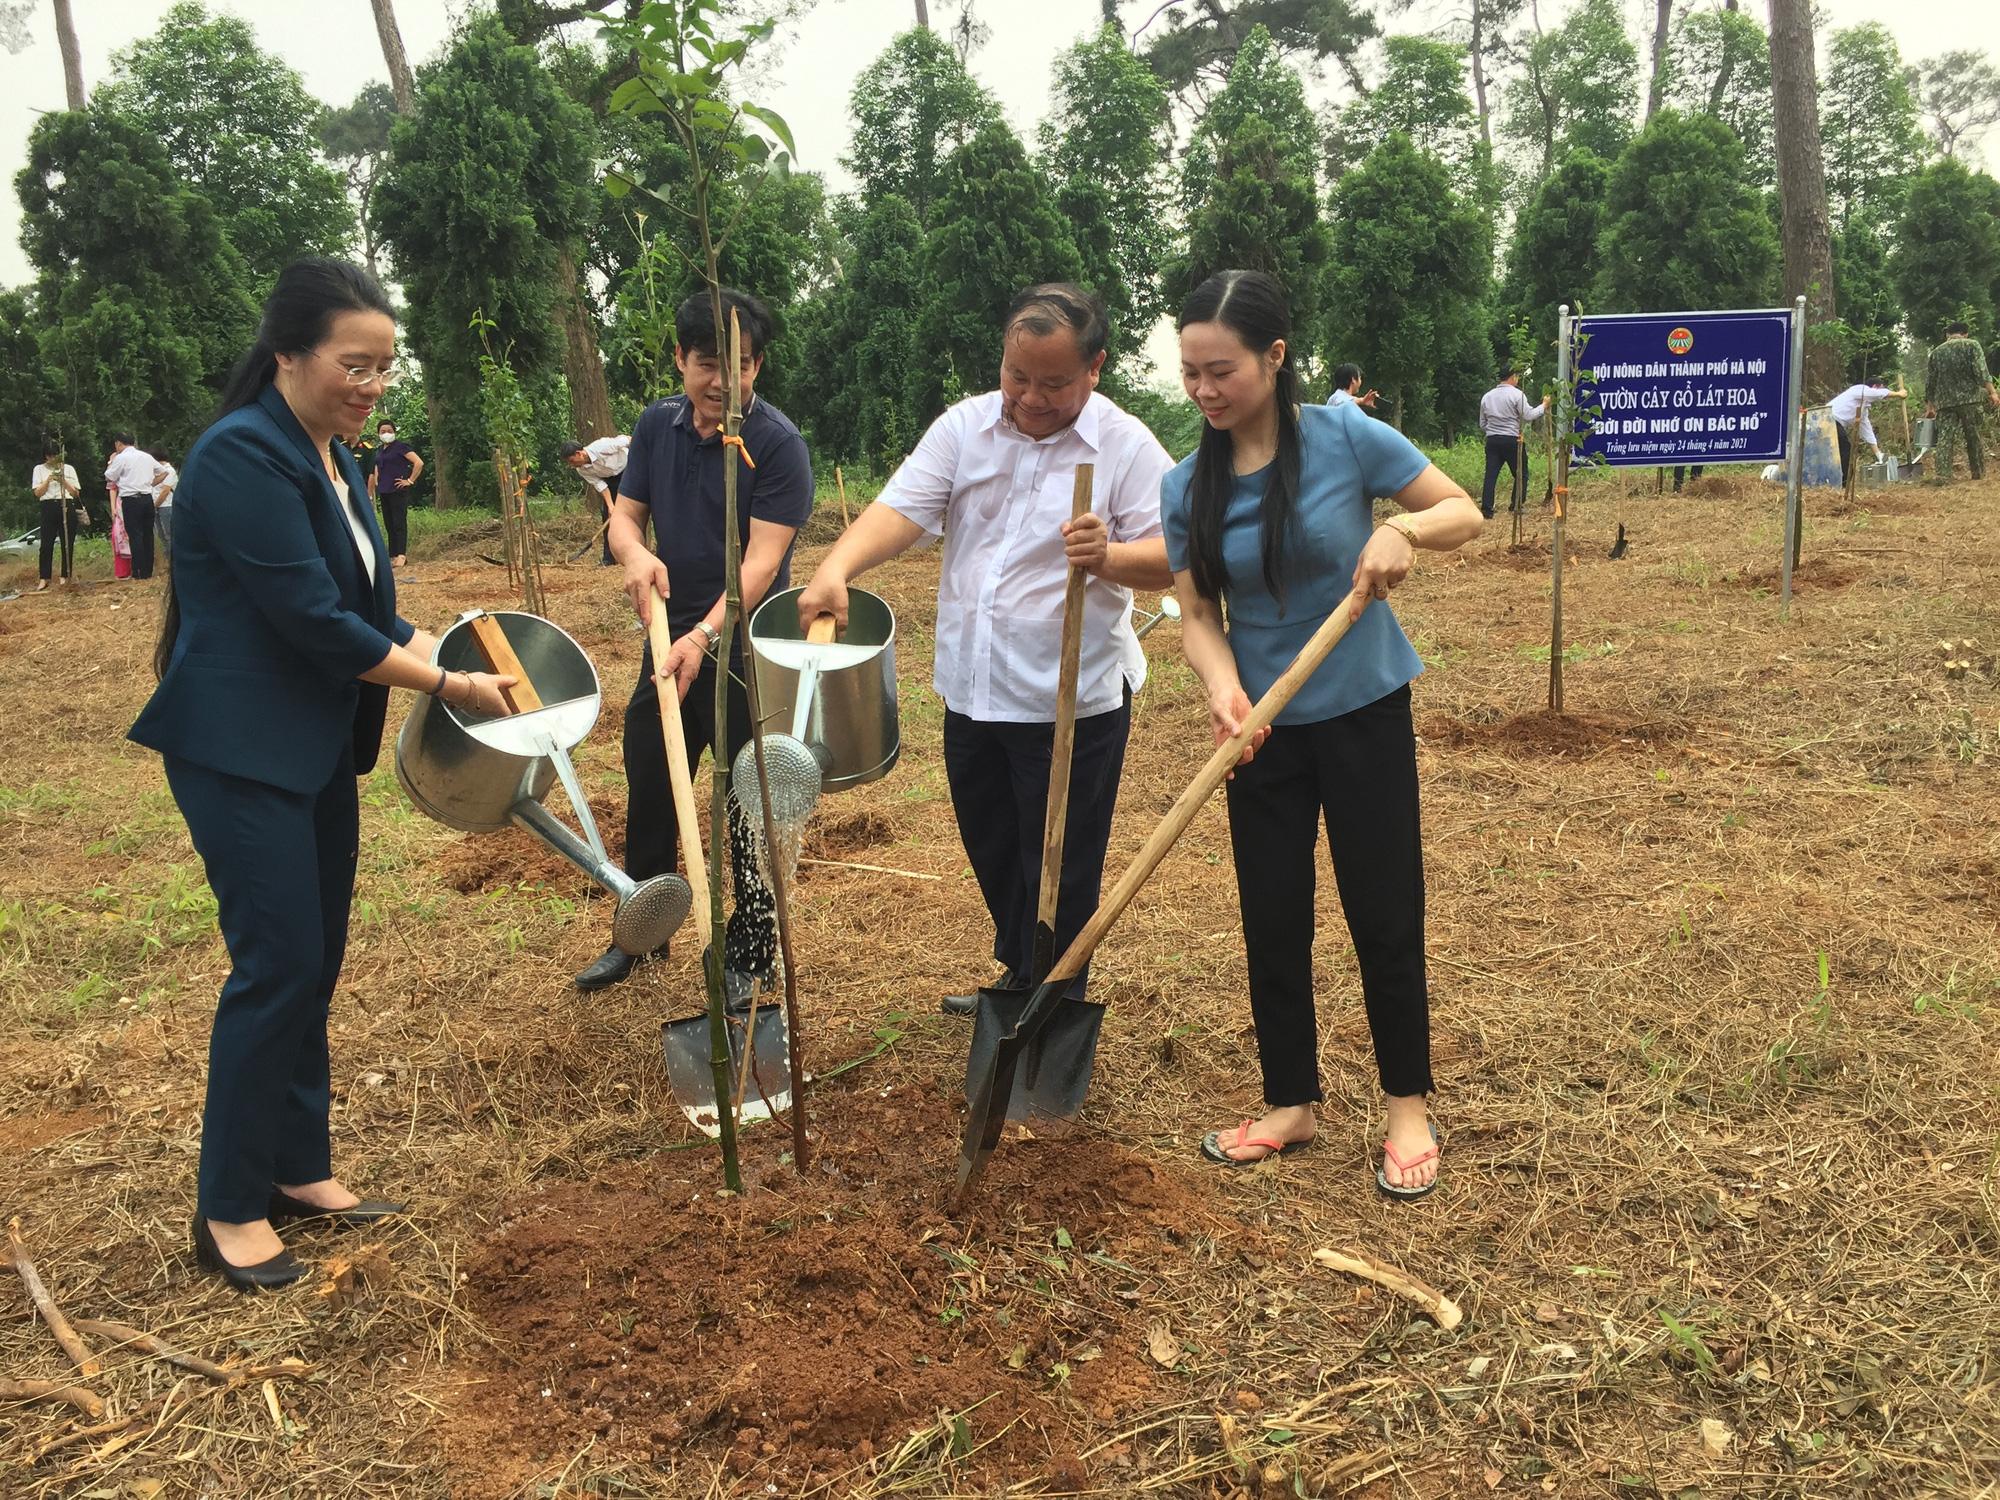 Hơn 1,5 triệu nông dân thi đua sản xuất kinh doanh giỏi, Hà Nội báo công dâng Bác - Ảnh 4.